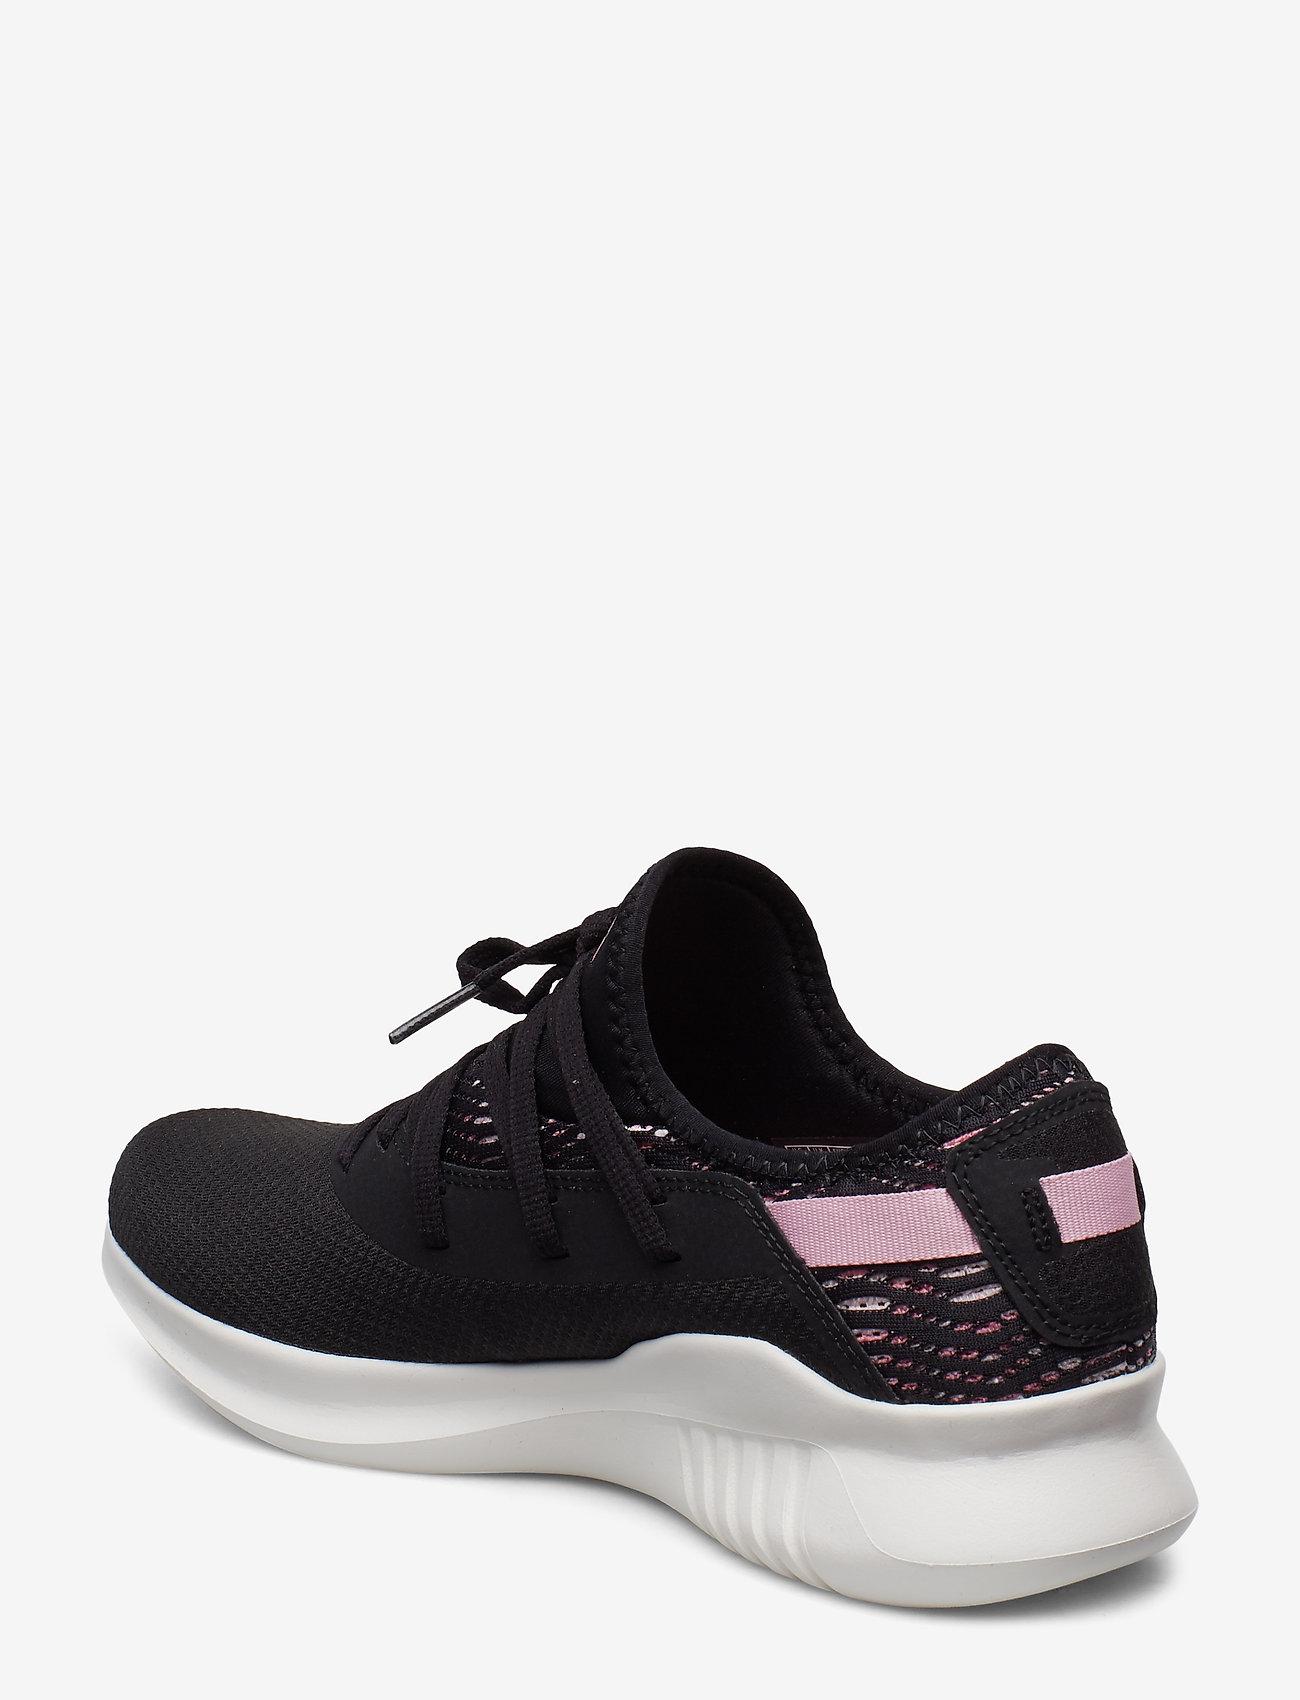 Womens Go Run Mojo 2.0 (Bkpk Black Pink) - Skechers